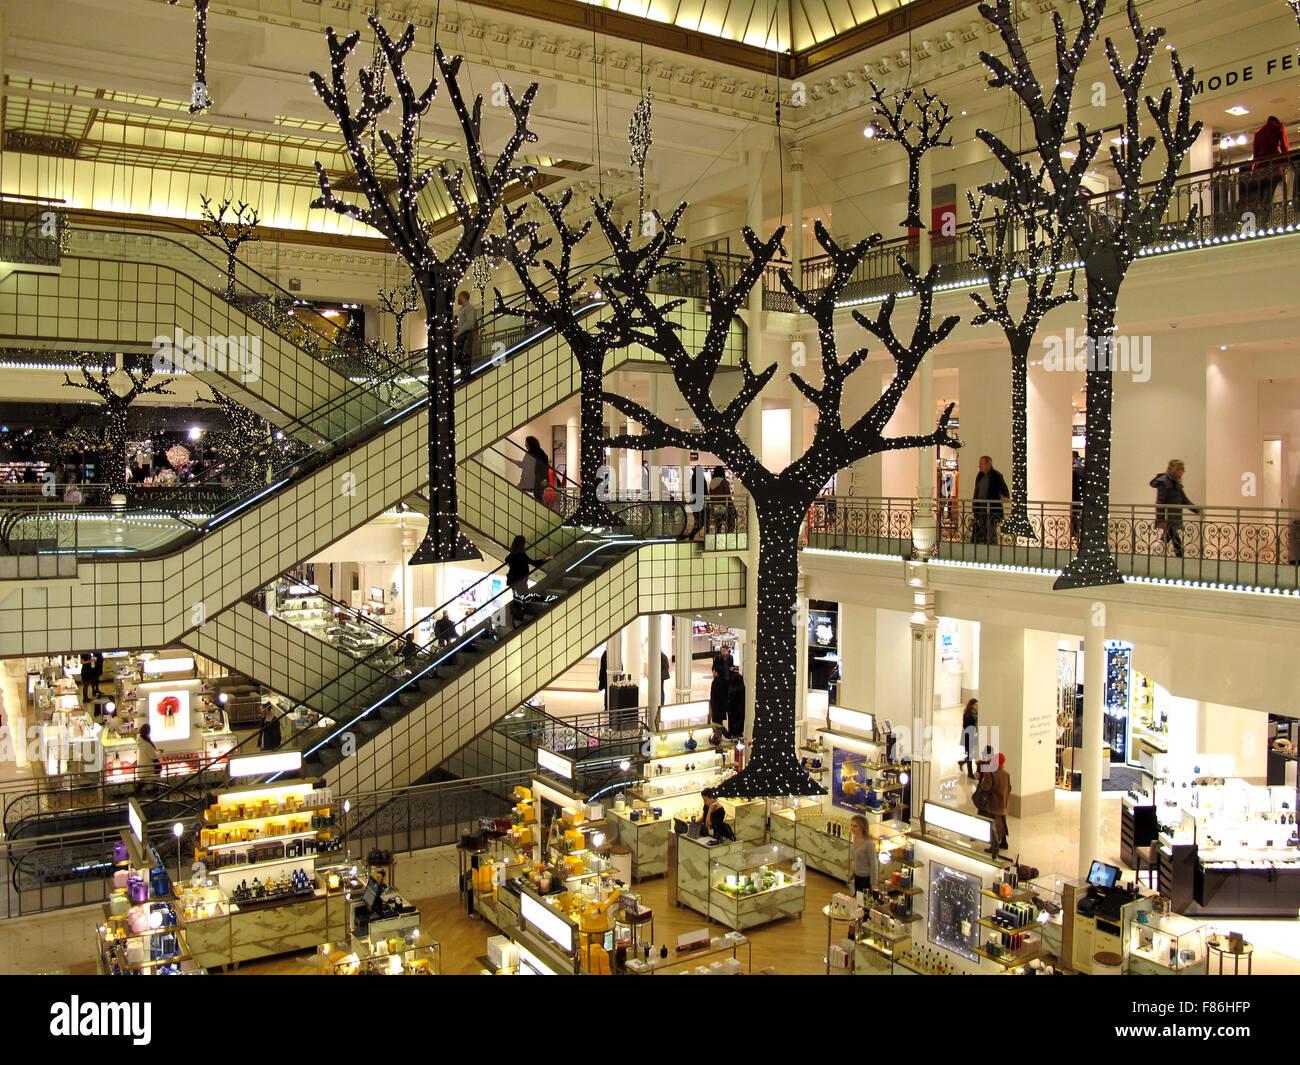 Le Bon Marche Department Store, Christmas Decoration, Paris, France, The  Iconic Central Escalators Designed By Andree Putman